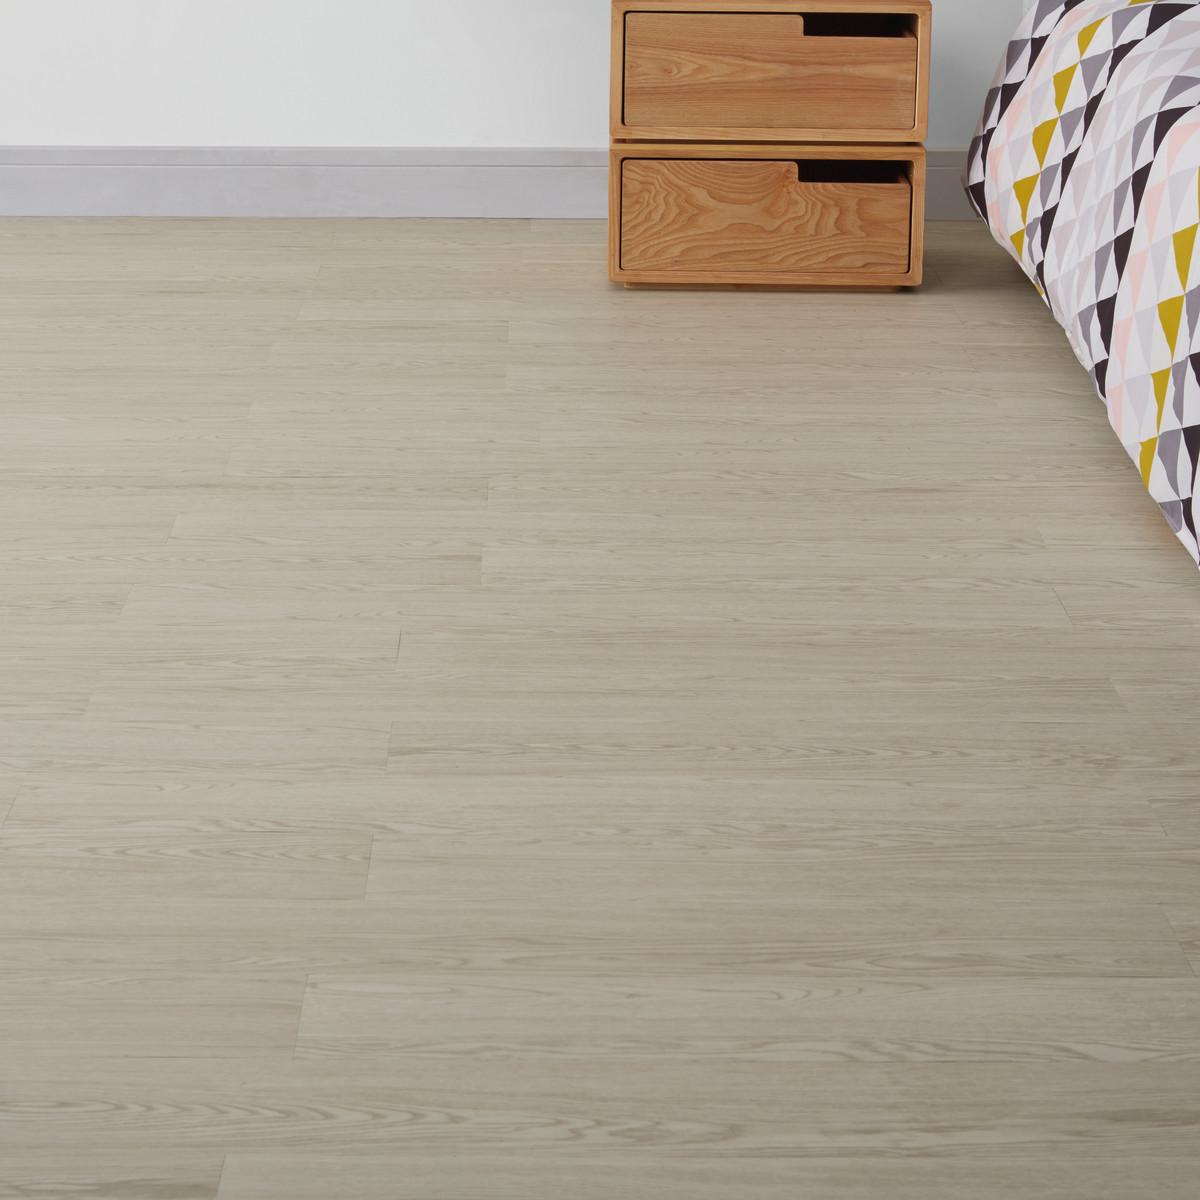 Pavimenti in pvc effetto legno prezzi interesting for Piastrelle linoleum bagno